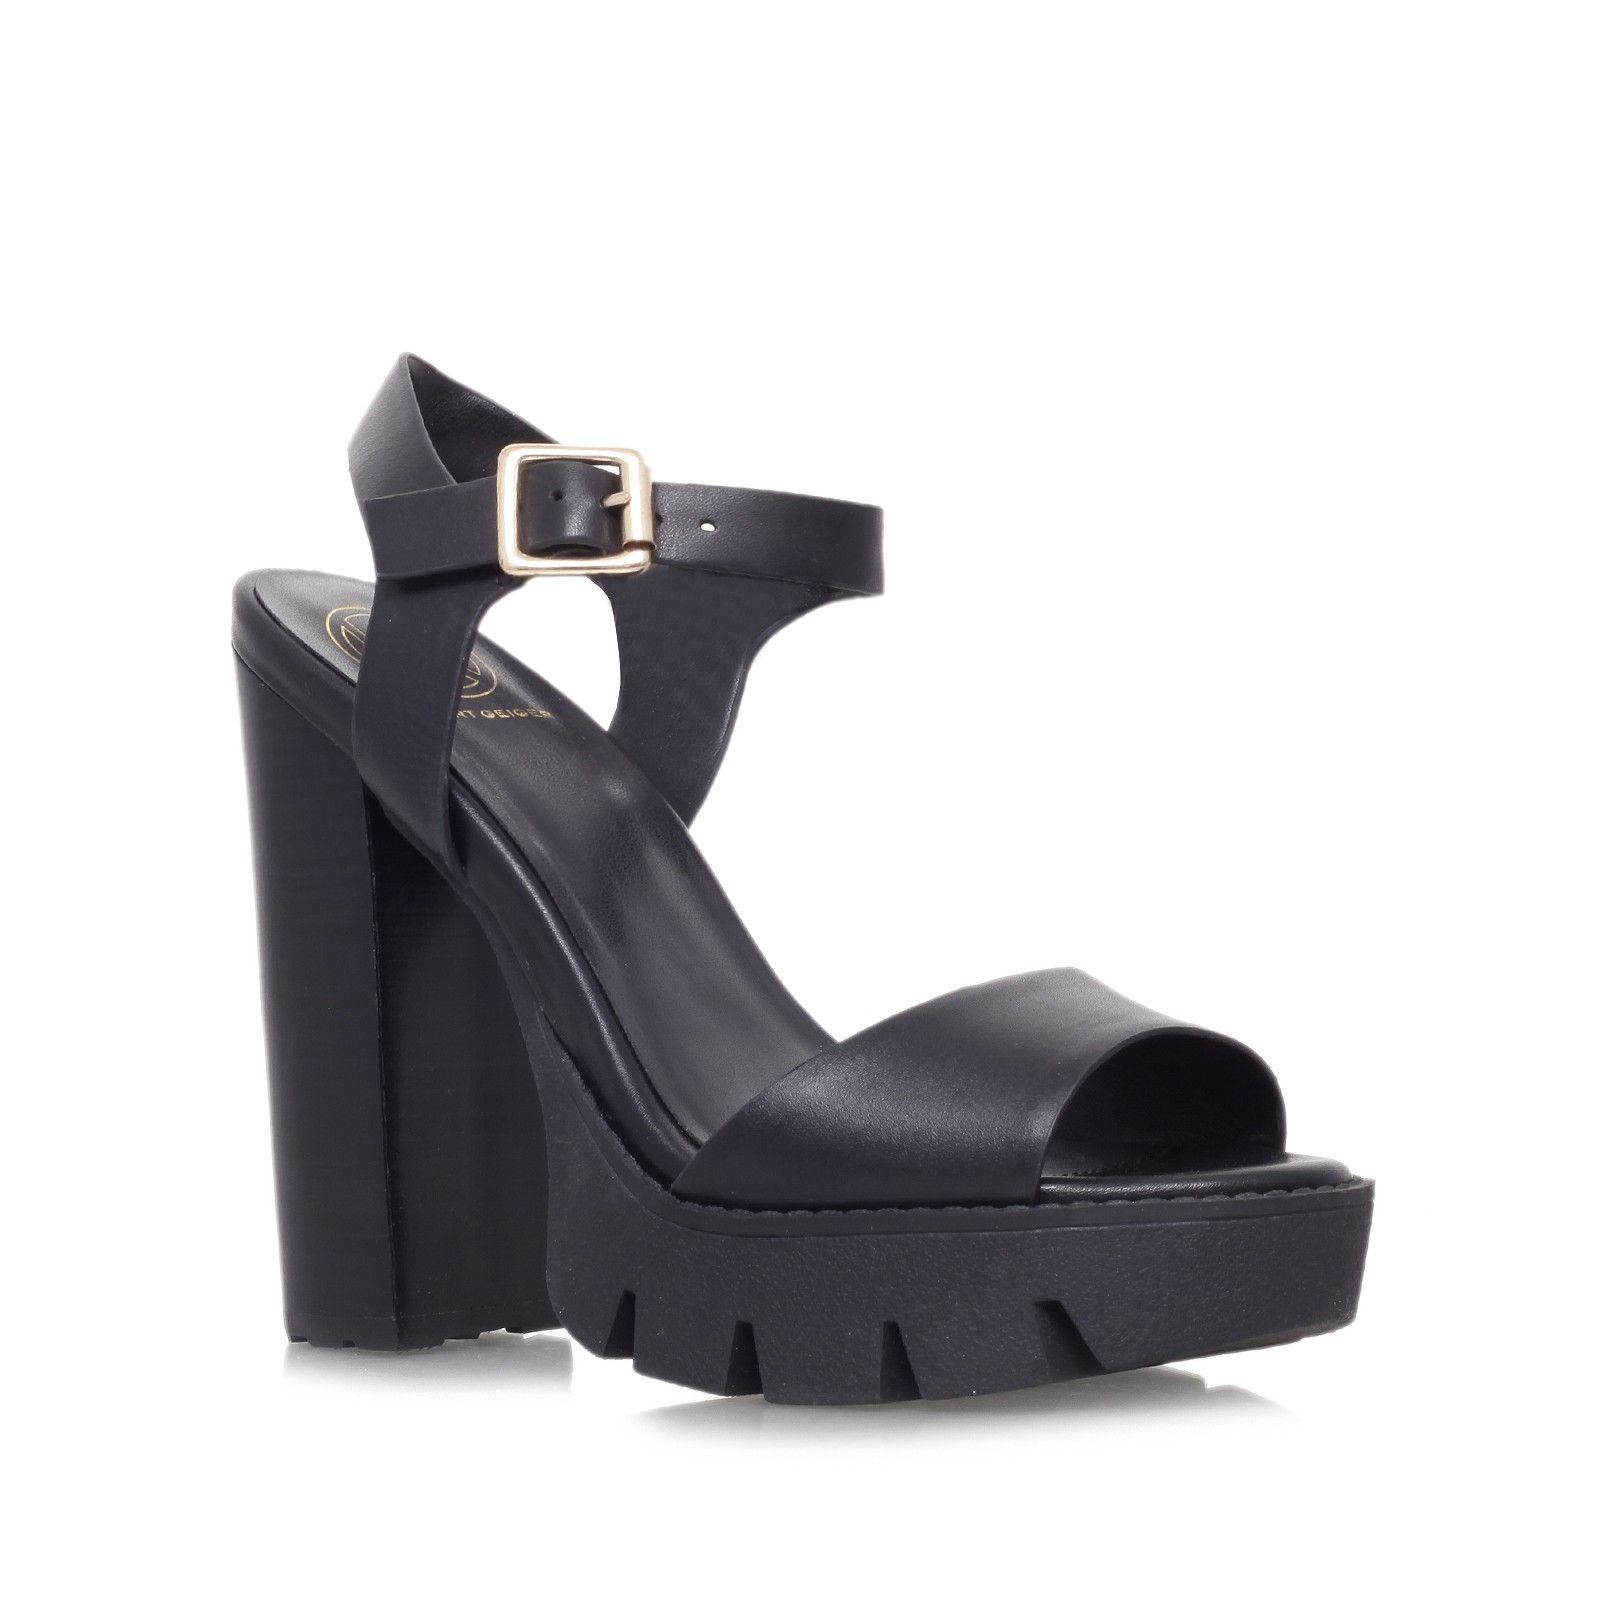 KG Kurt Geiger Womens Nanette Leather Heeled Platform